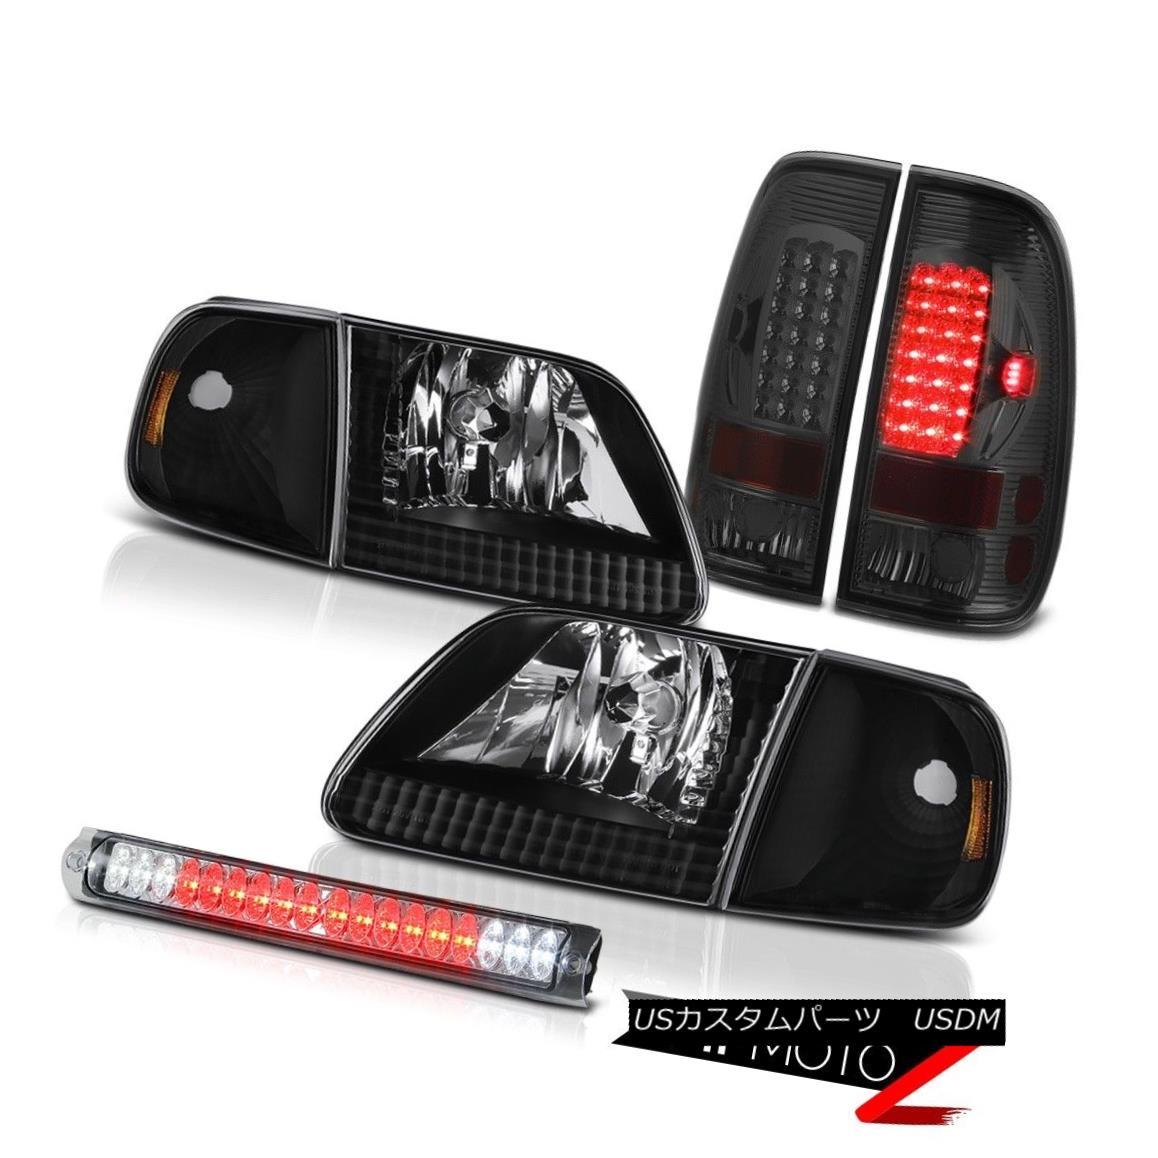 ヘッドライト 97 98 99 00 01 02 03 F150 Parking Headlams Smoked LED Taillamps High Stop Chrome 97 98 99 00 01 02 03 F150パーキングヘッドランプスモークLEDタイルランプハイストップクローム